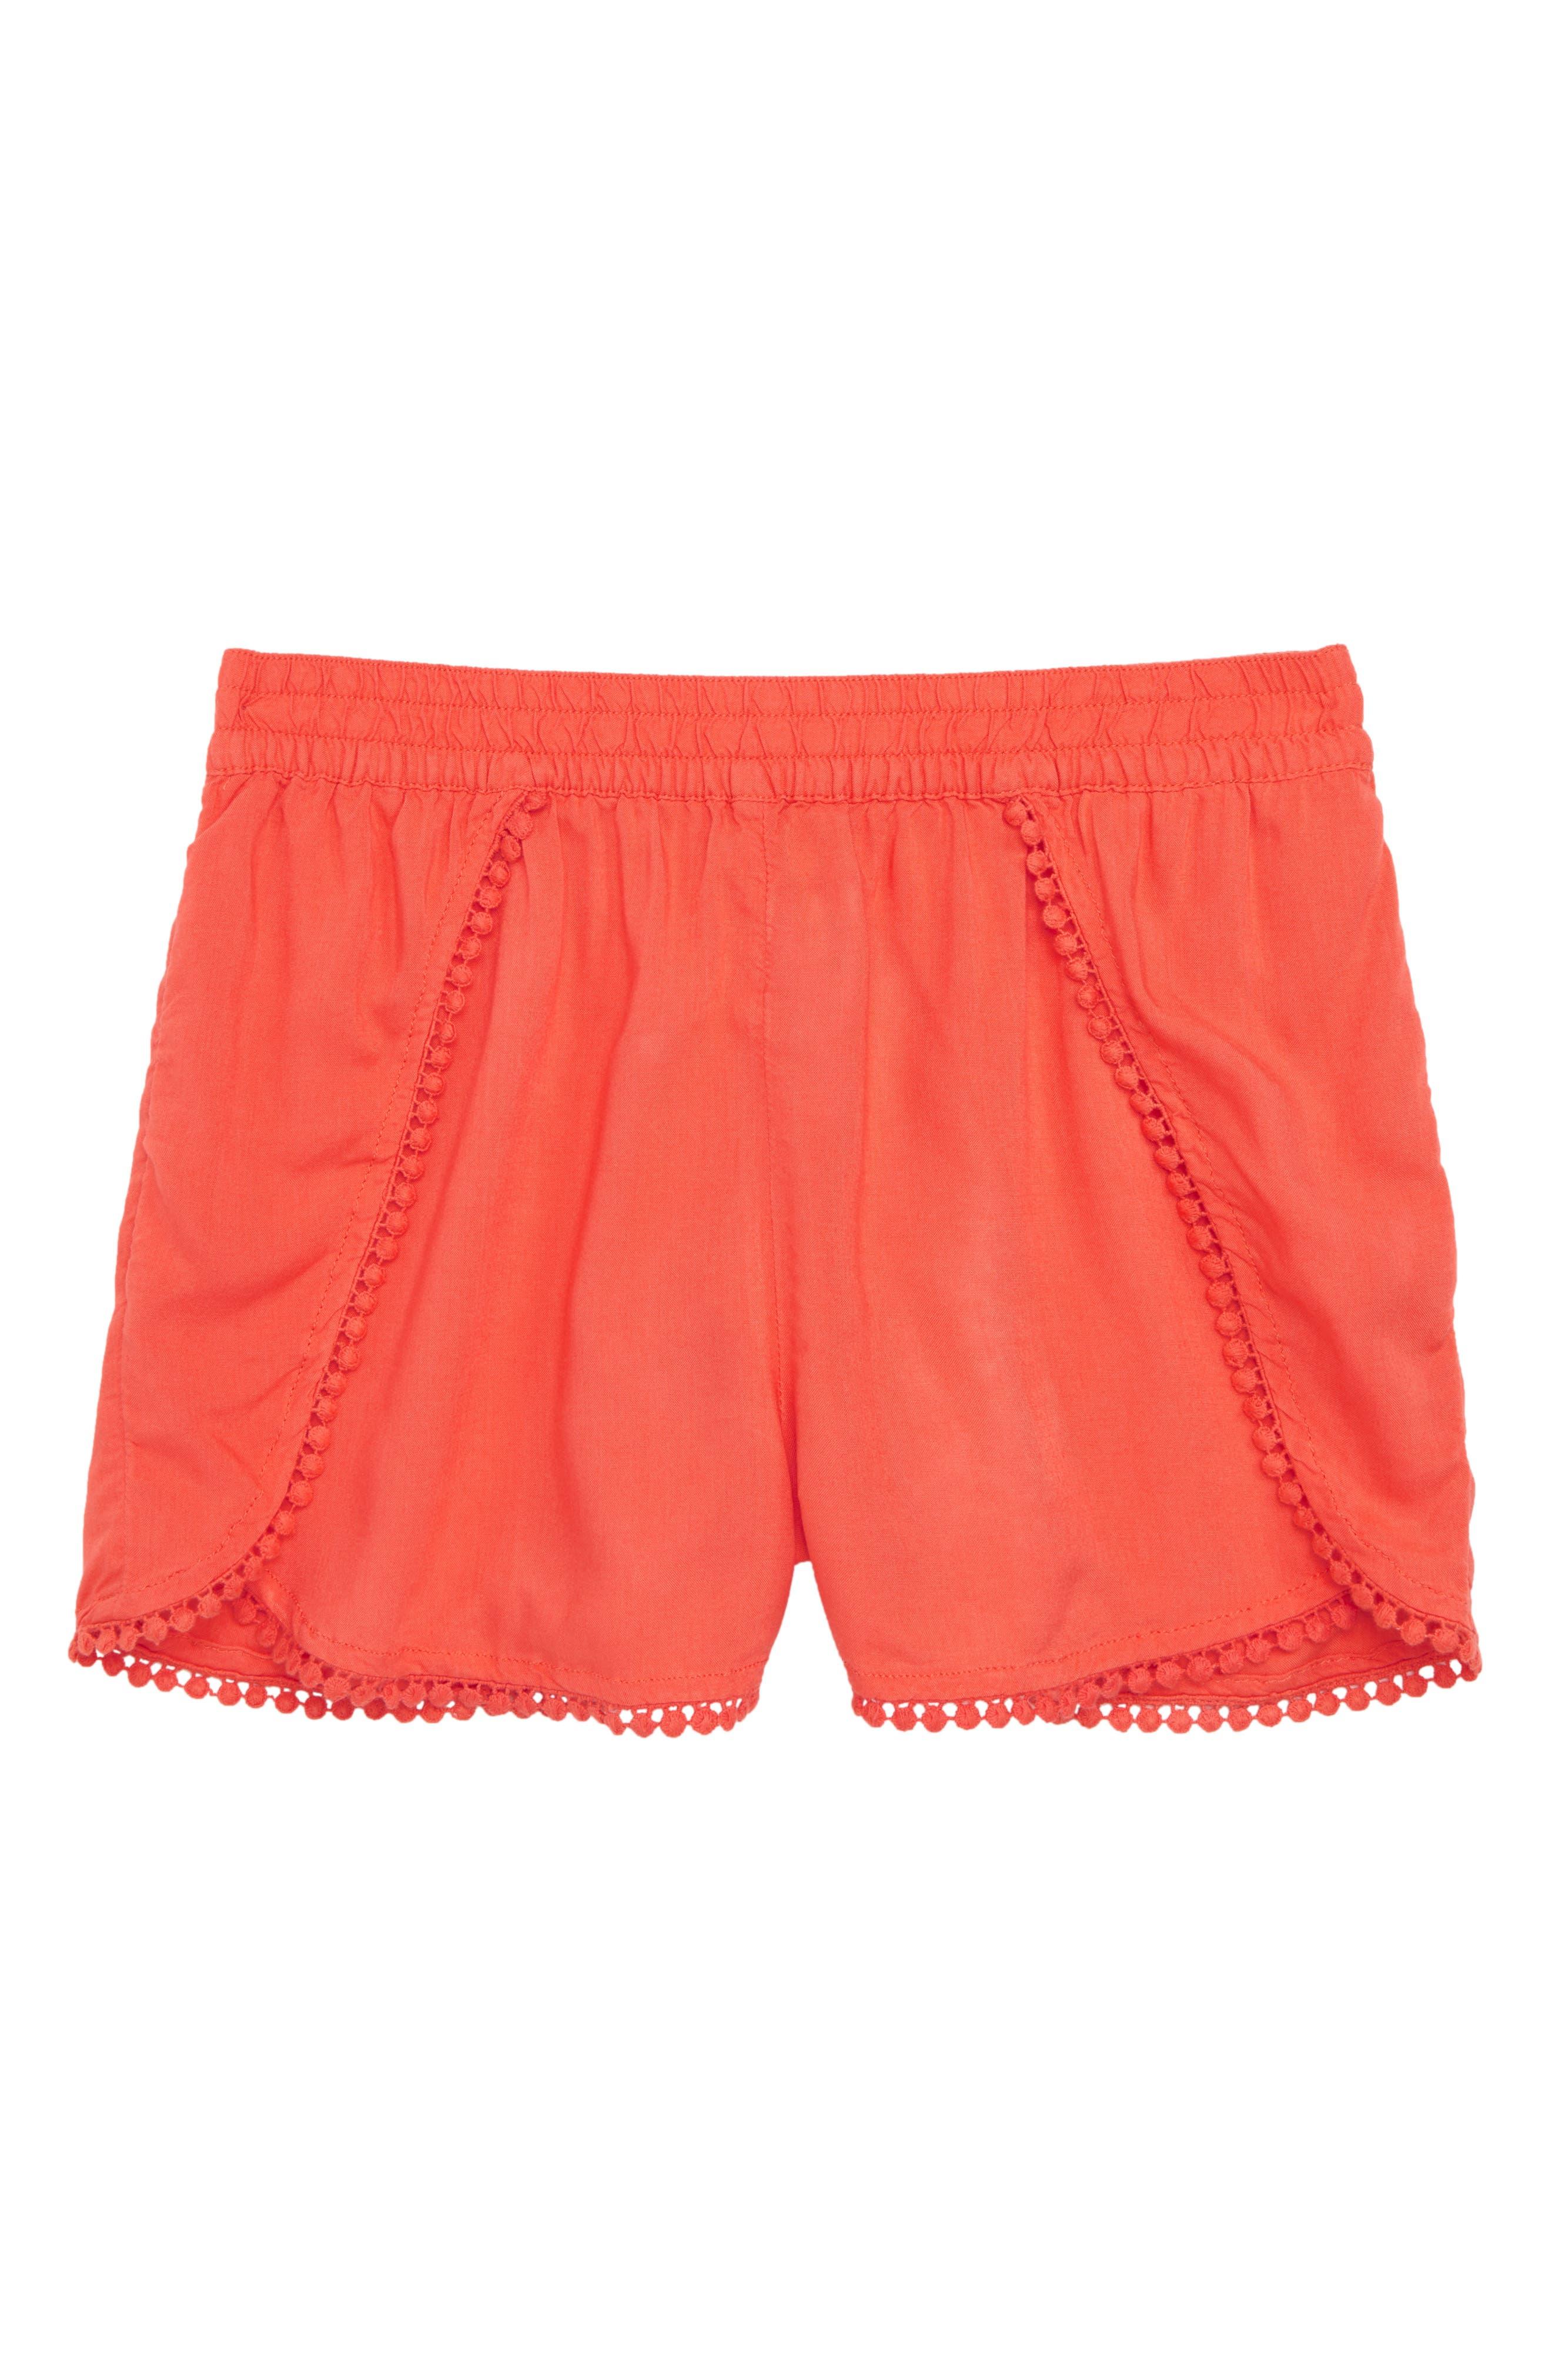 Petal Shorts,                             Main thumbnail 1, color,                             Coral Hot